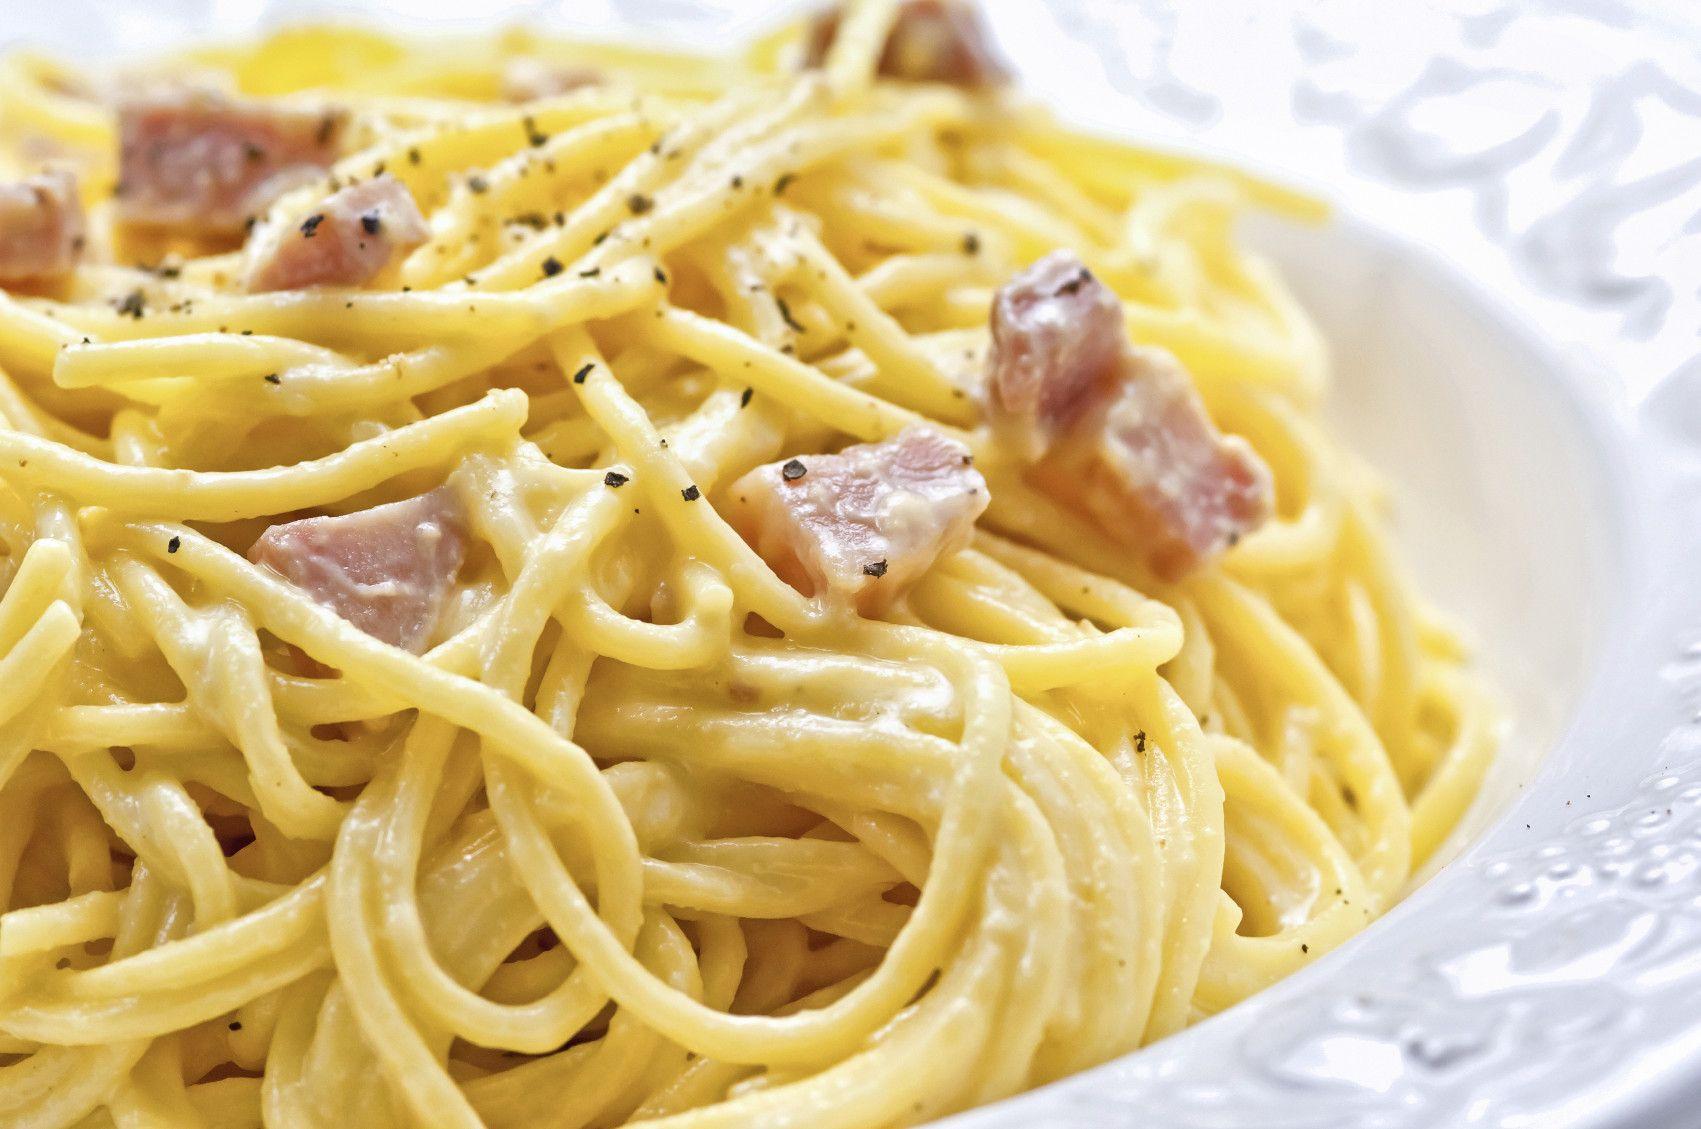 eea334009bdd37d53aca72ebd83d4a02 - Recetas Espaguetis A La Carbonara